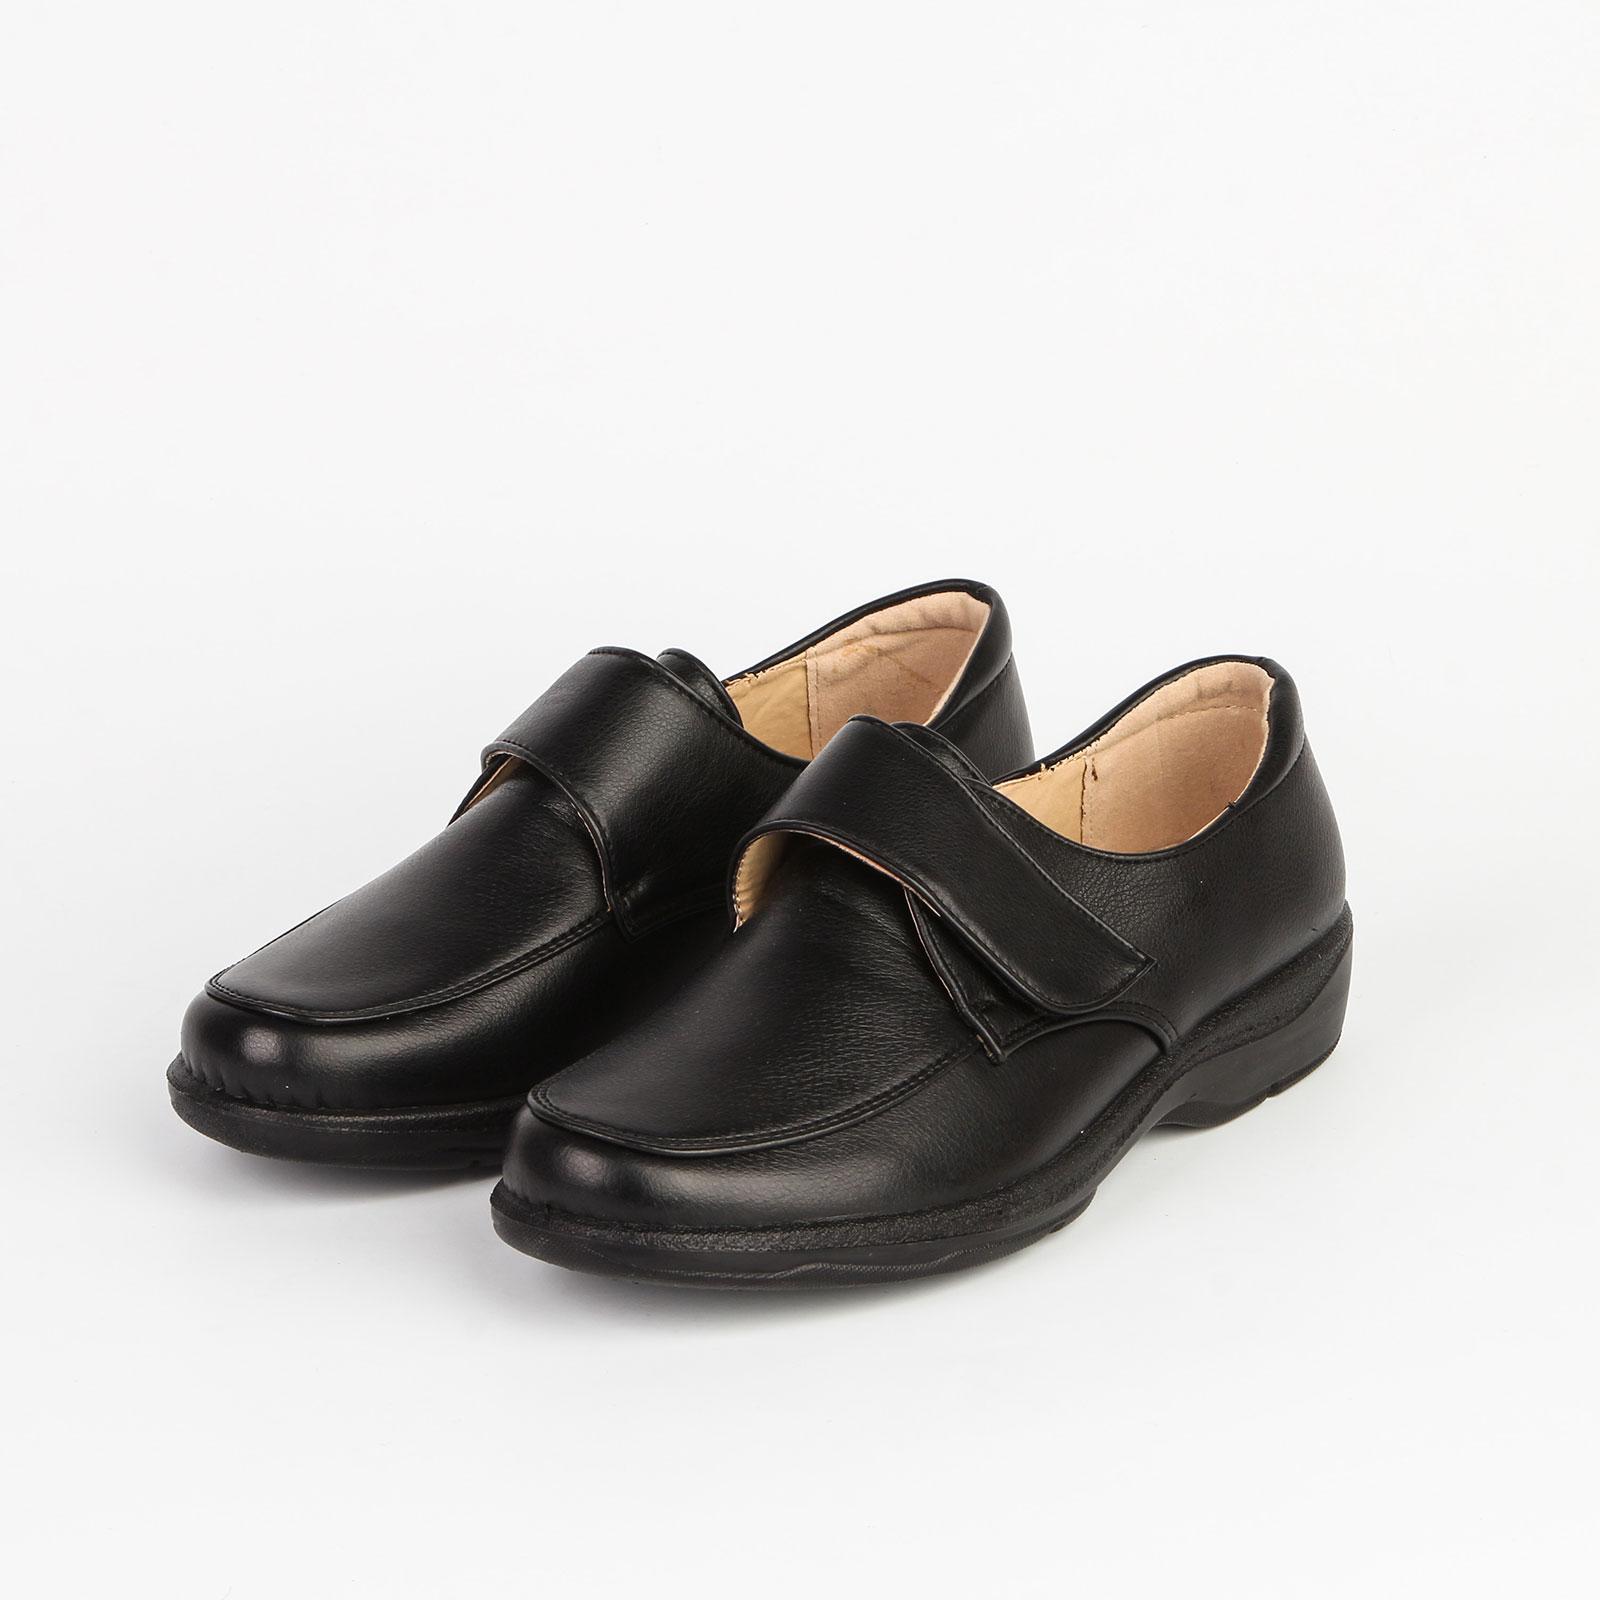 Ботинки женские с ремешком